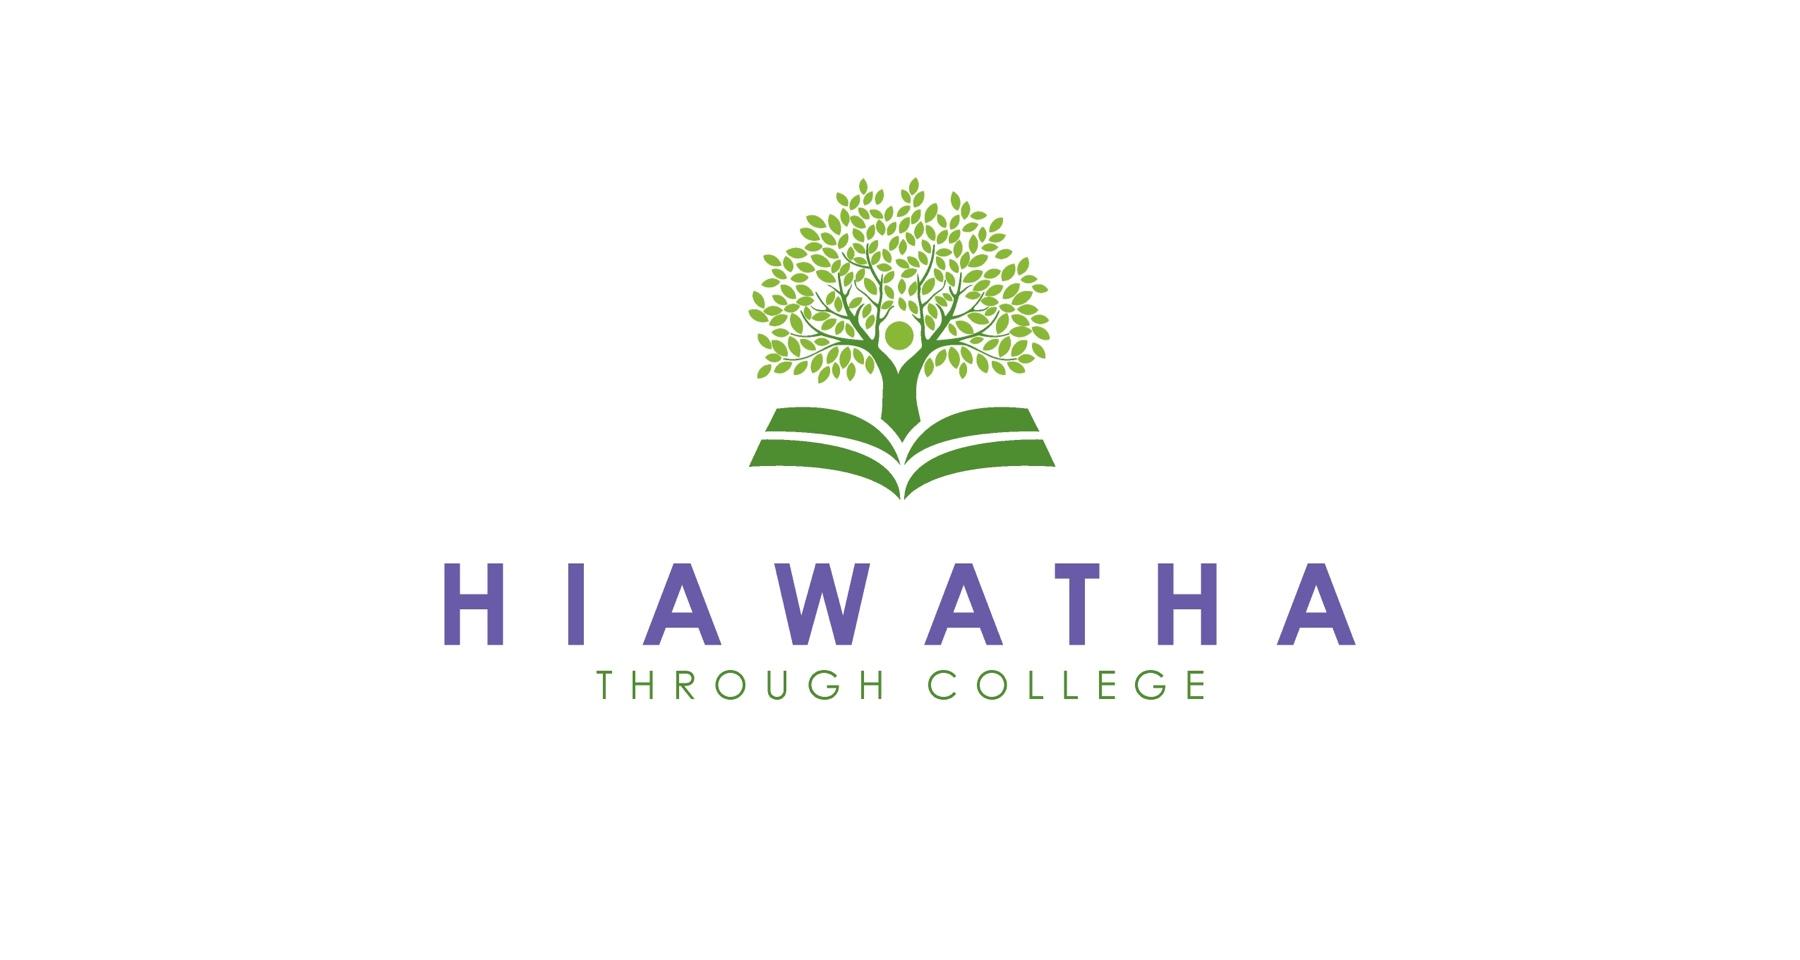 Hiawatha through college